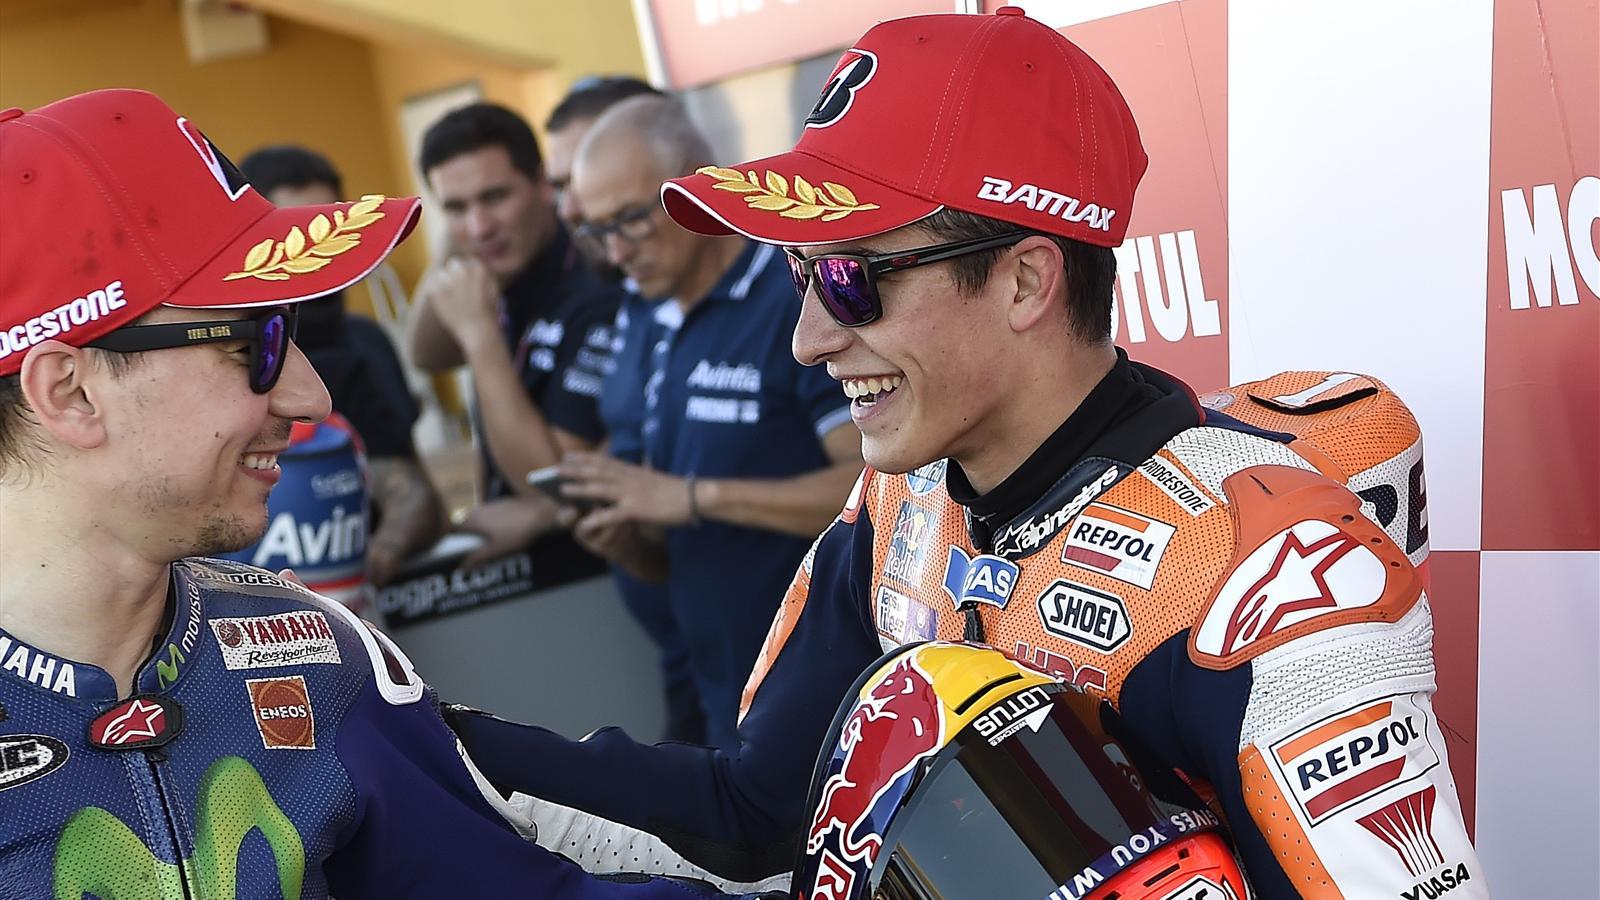 Jorge Lorenzo (Yamaha Factory) et Marc Marquez (Honda HRC) après la qualification du Grand Prix de Valence 2015